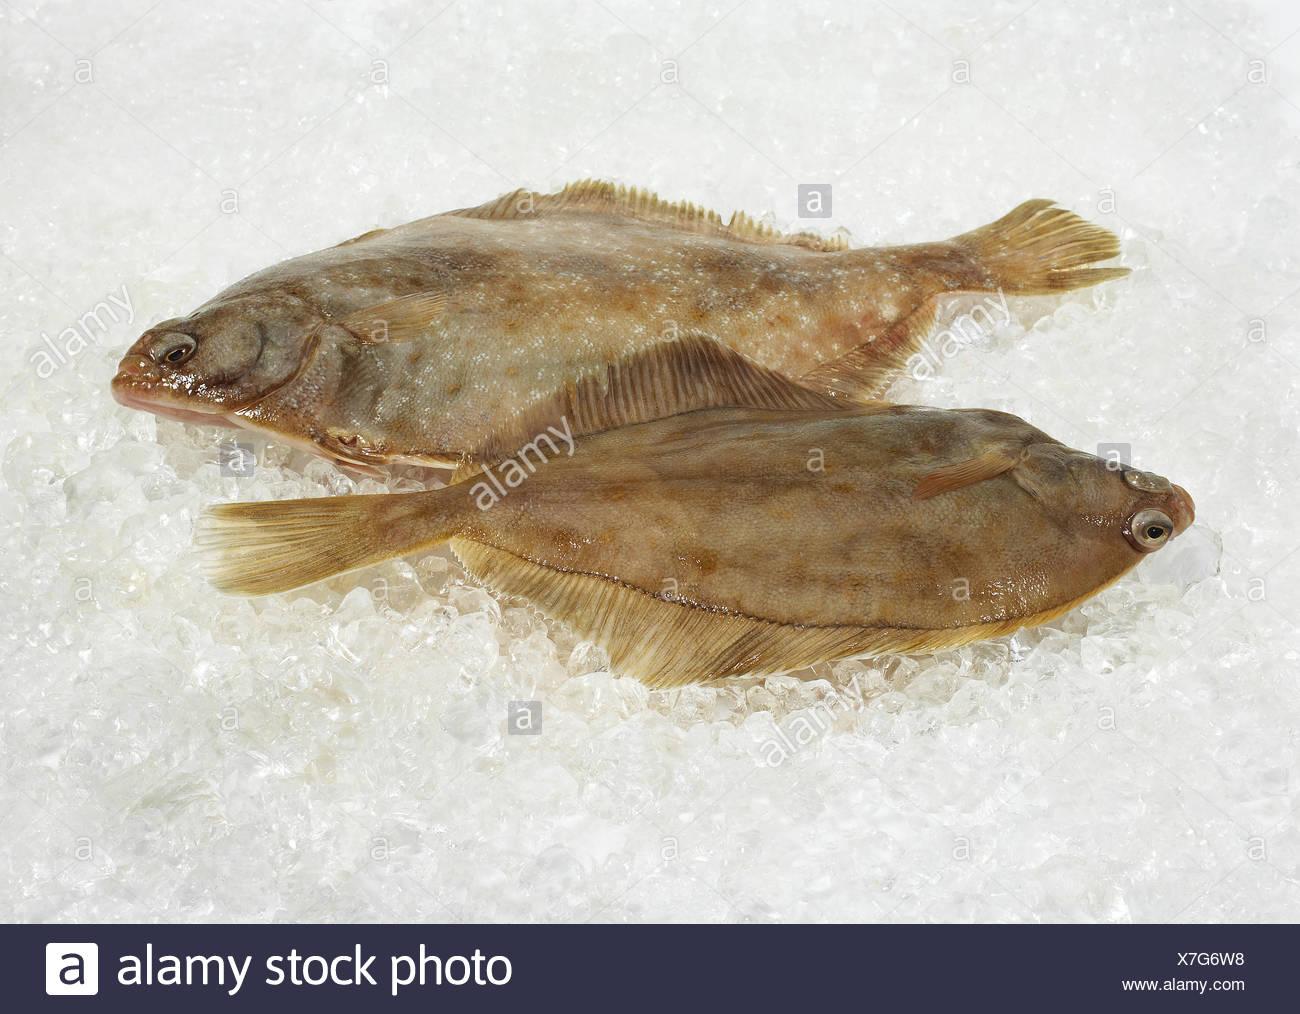 Fresh Brill, Scophthalmus rhombus sur la glace Banque D'Images